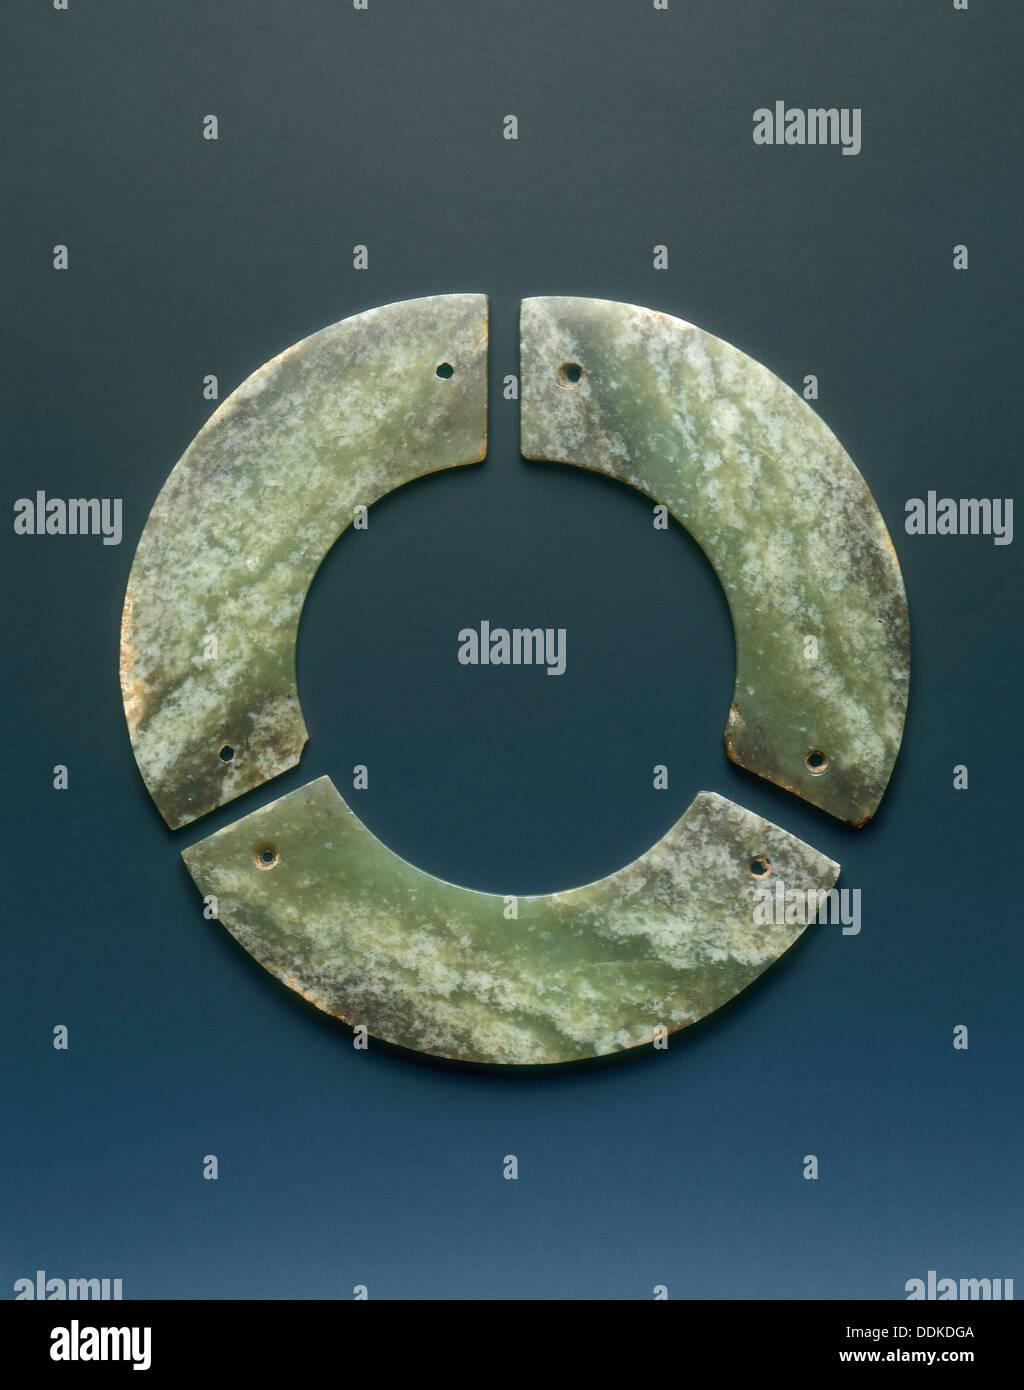 Jade bi-disc made up of three segments, Shang dynasty, Anyang phase, China, c12th-9th century BC. - Stock Image